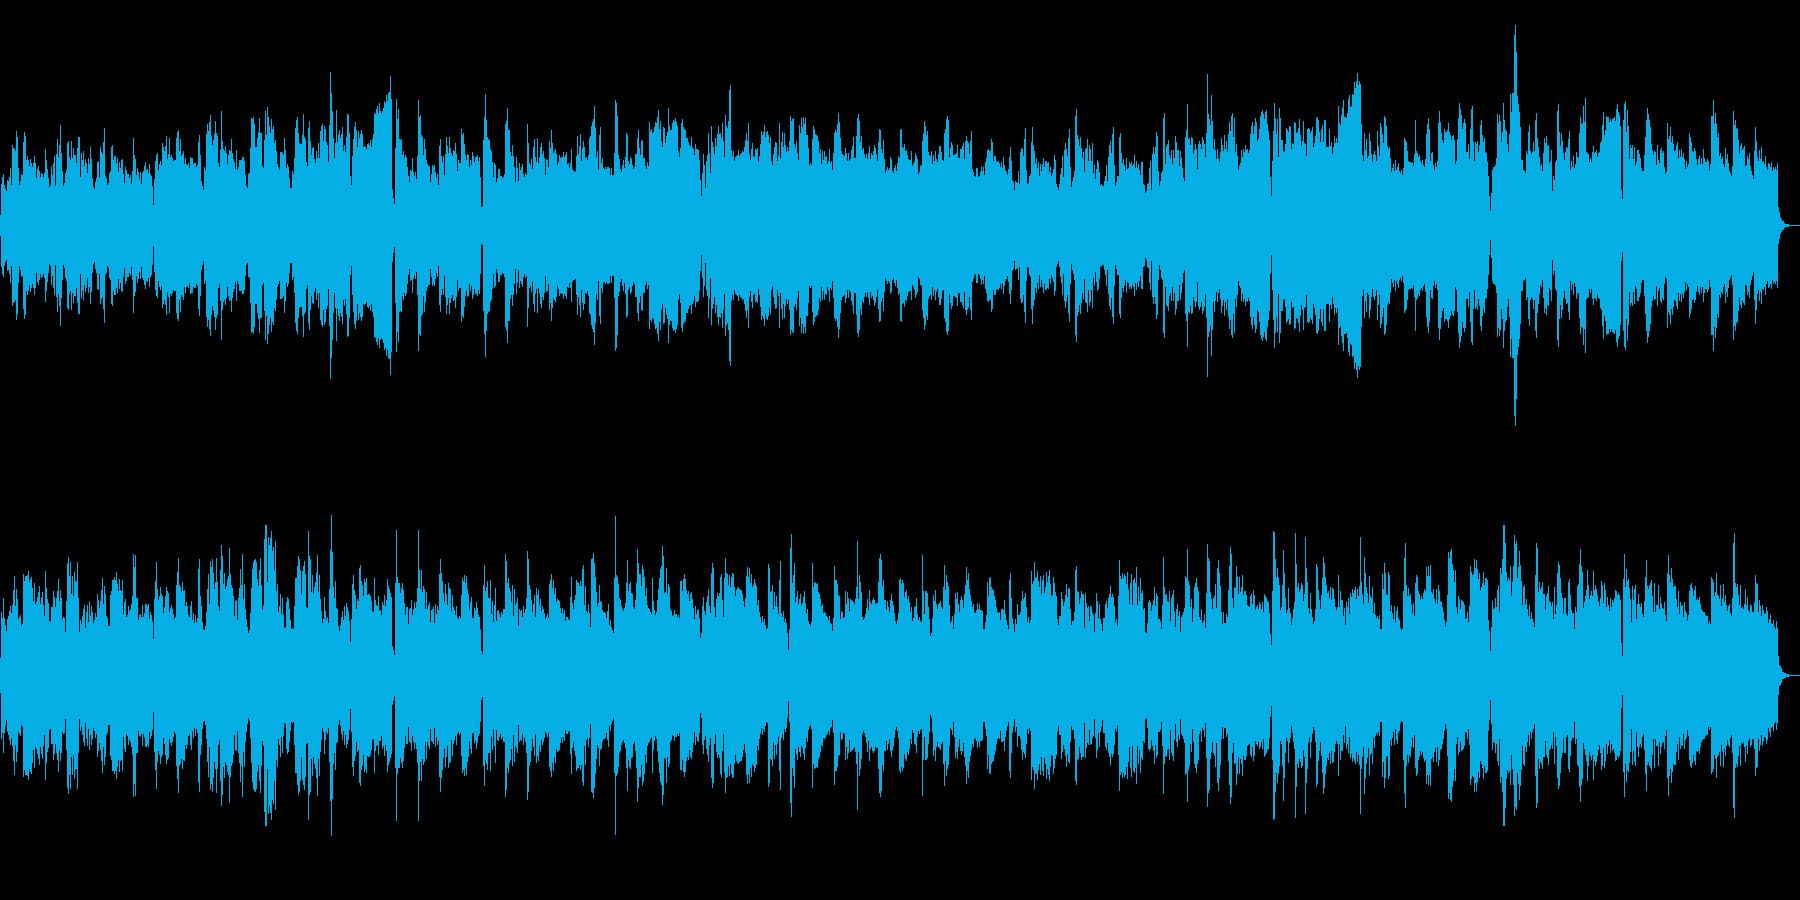 エキゾチックで不思議な雰囲気の木管曲の再生済みの波形